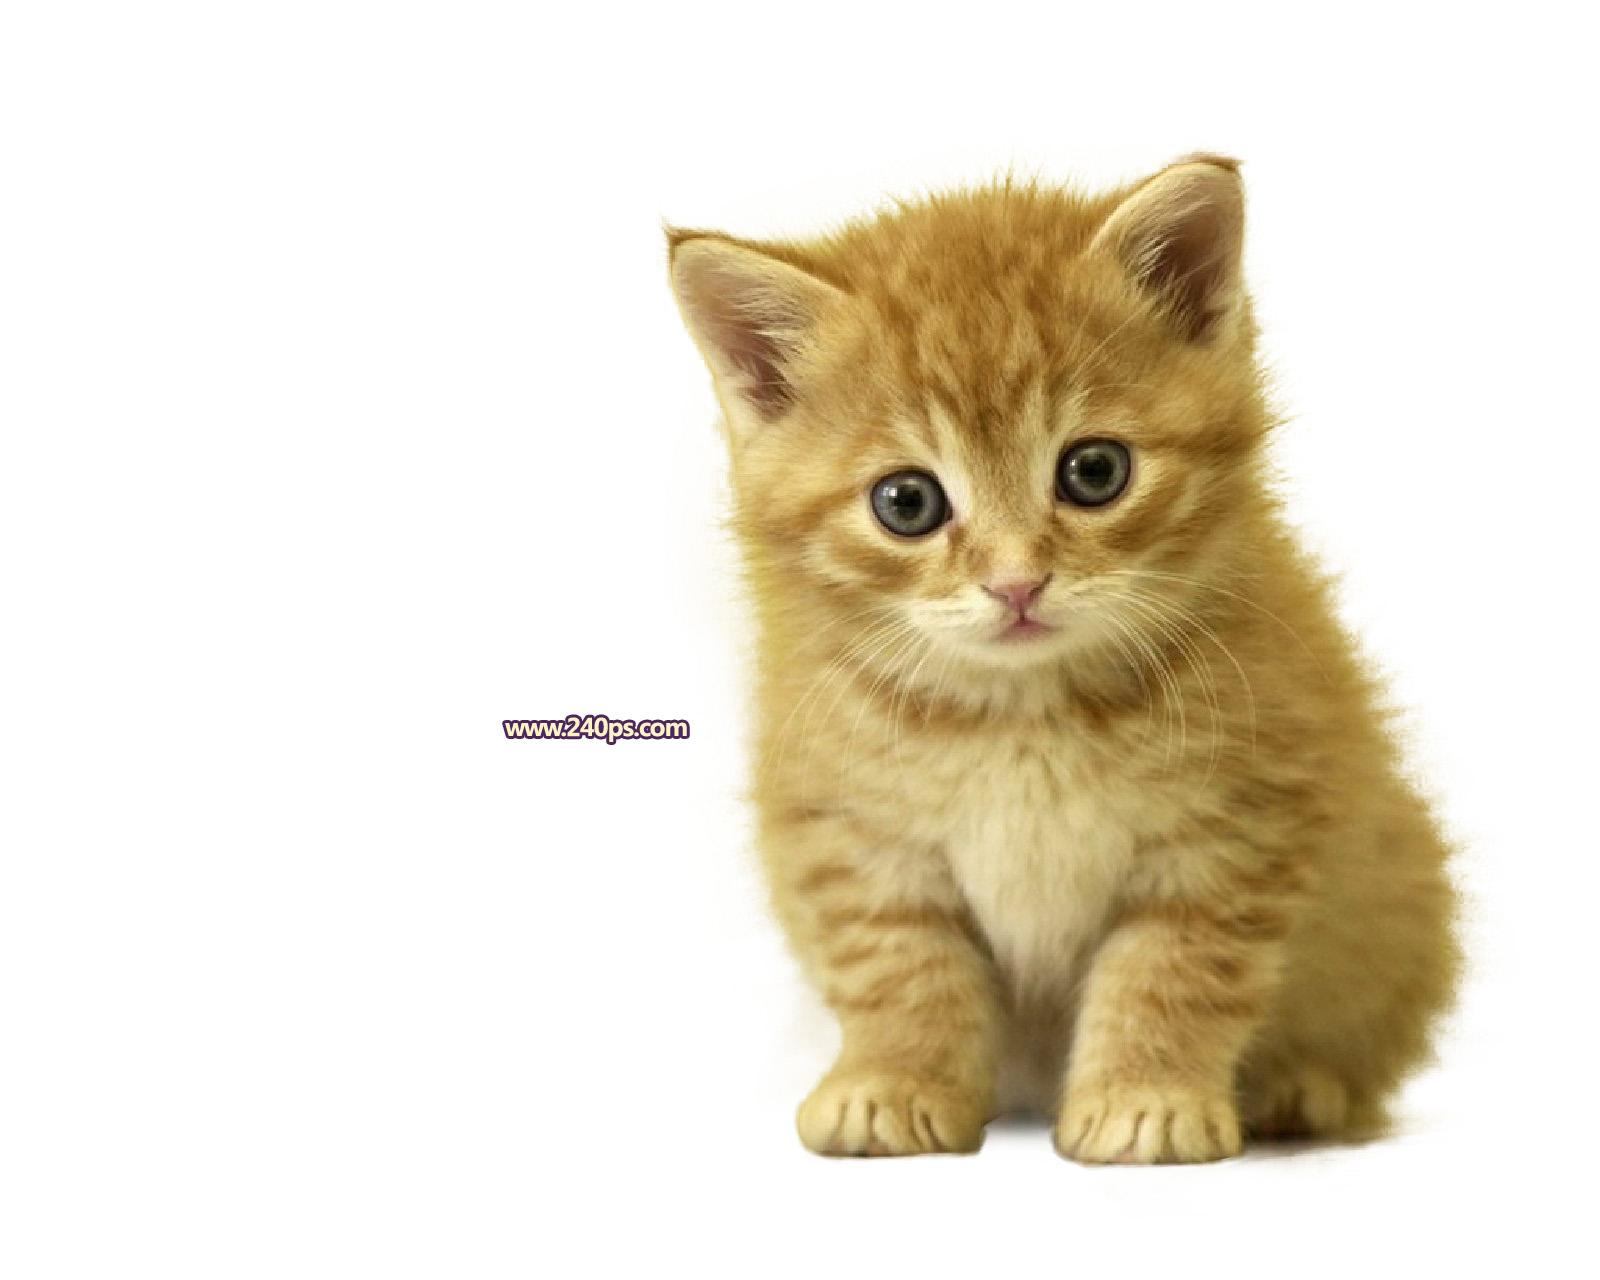 可爱猫咪白底图